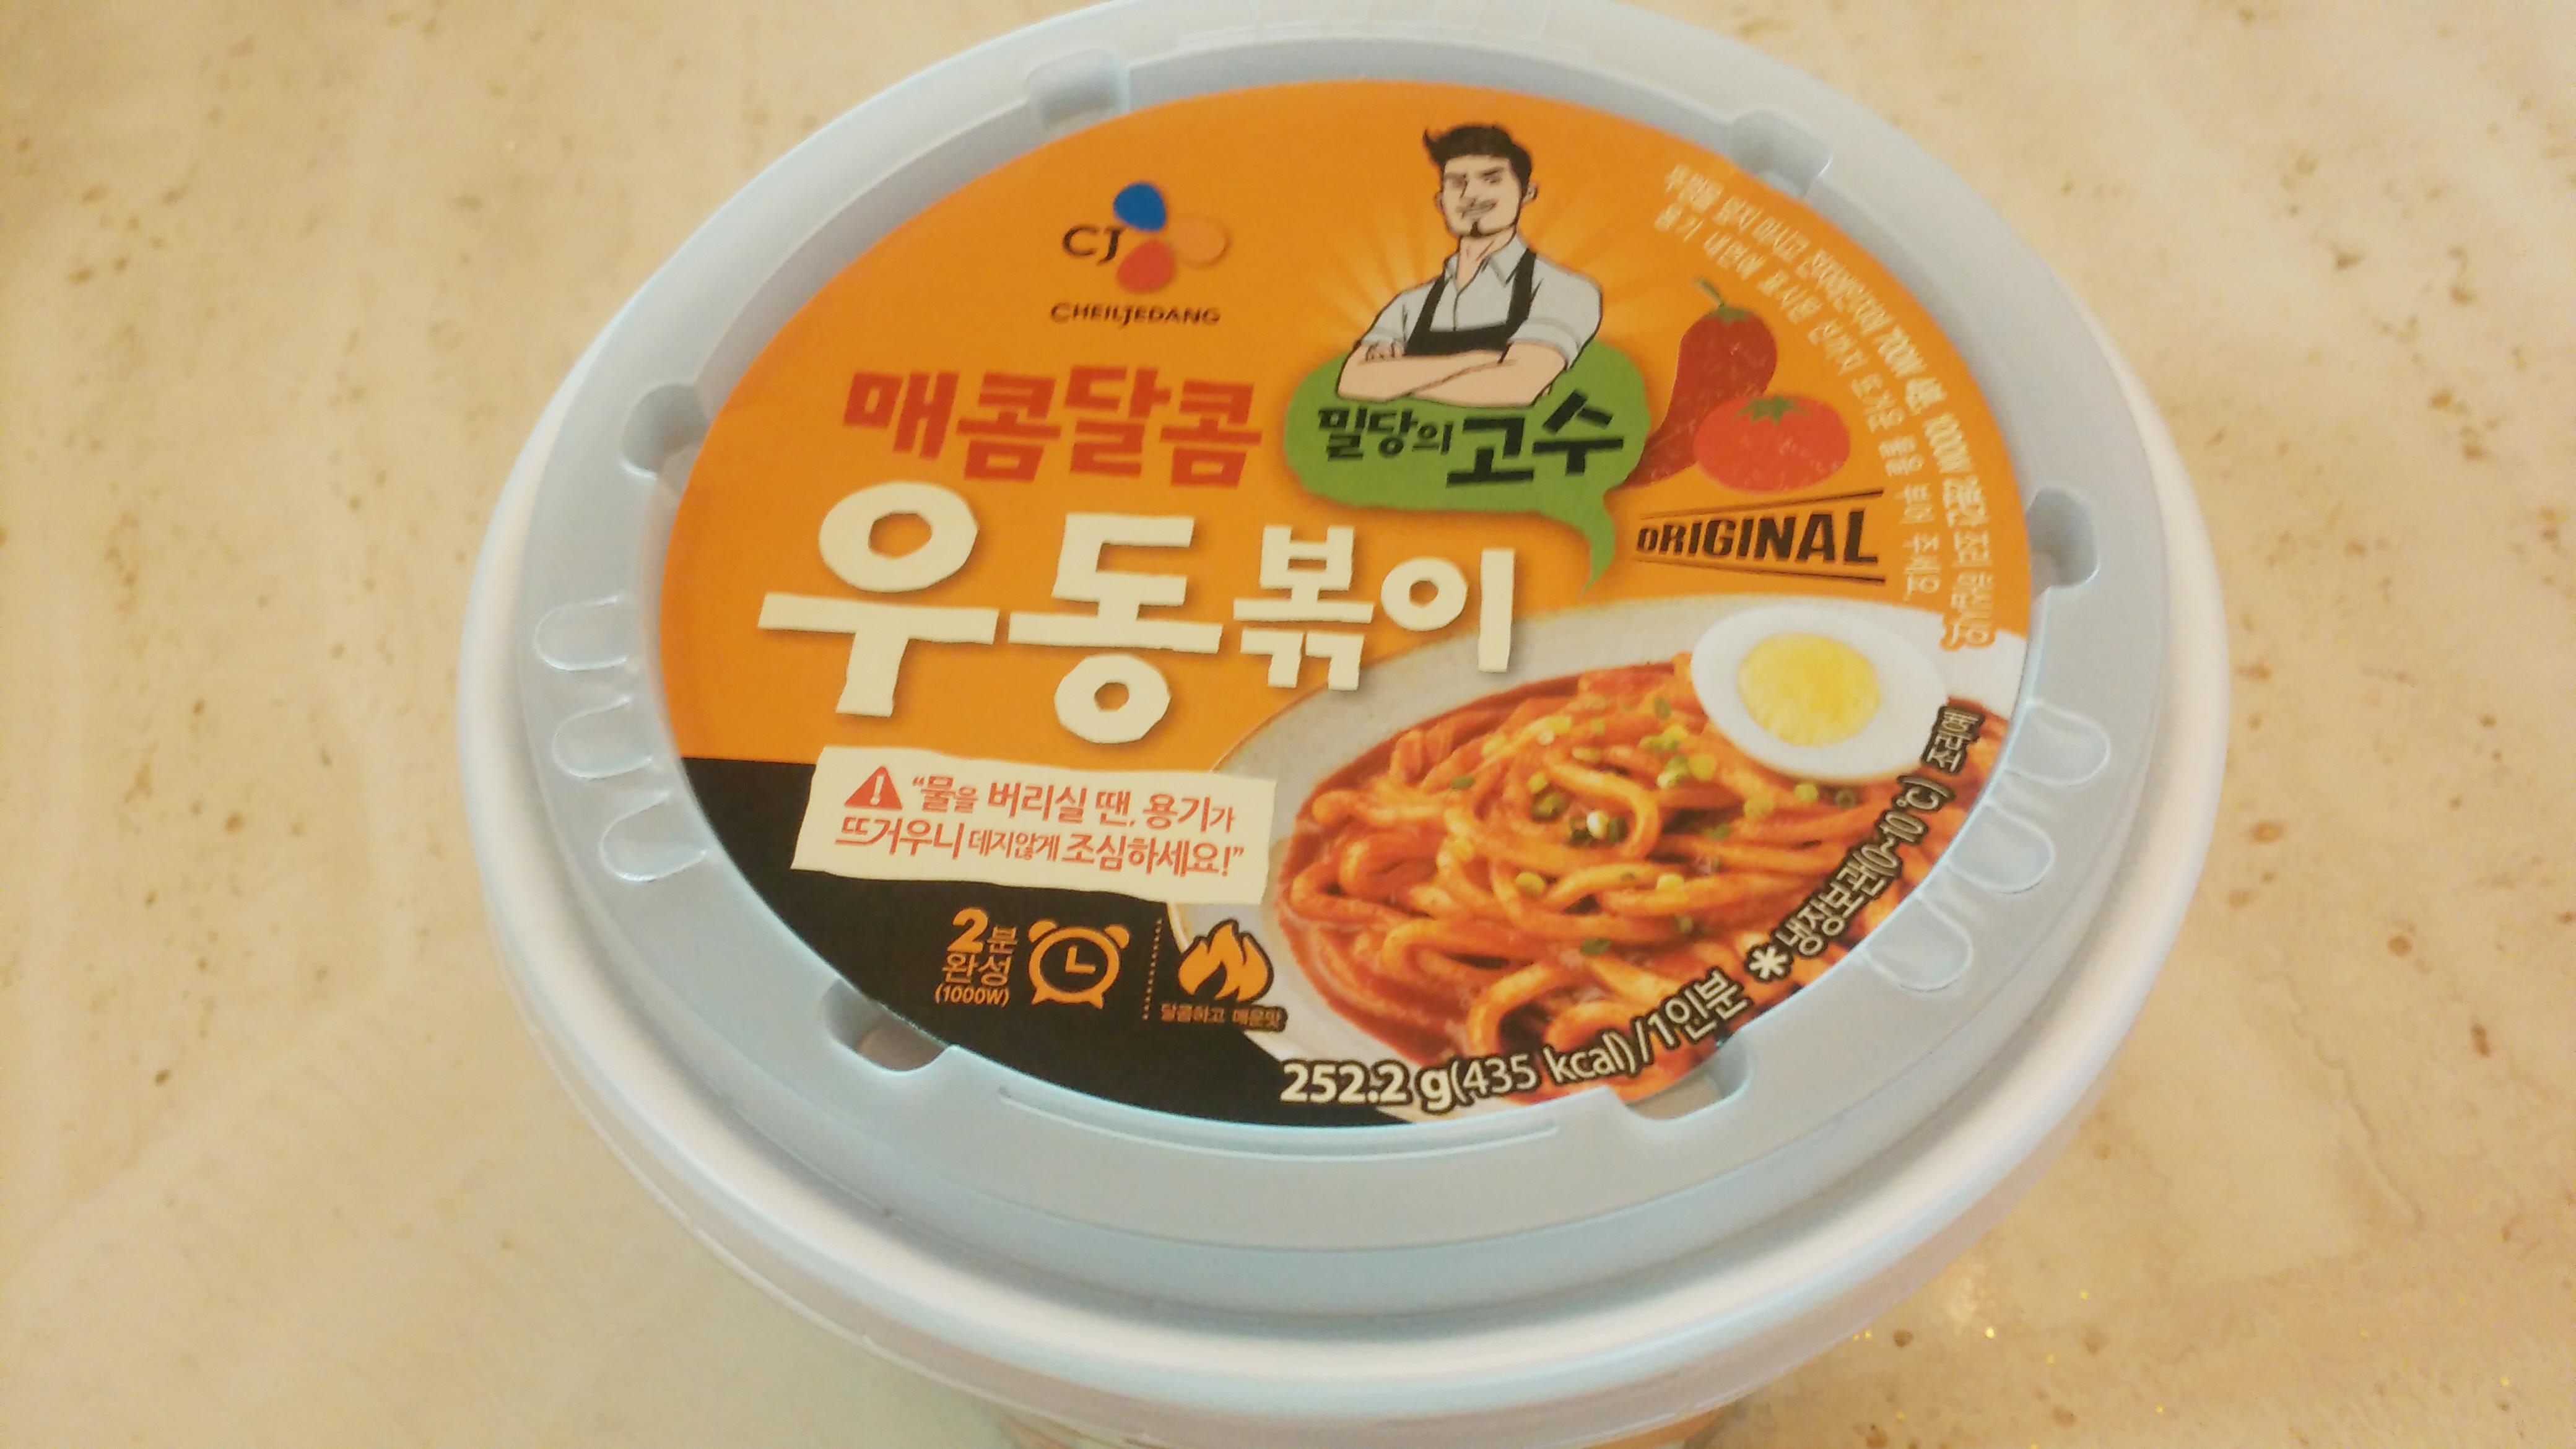 [편의점] 매콤달콤 우동볶이 - 밀당의 고수